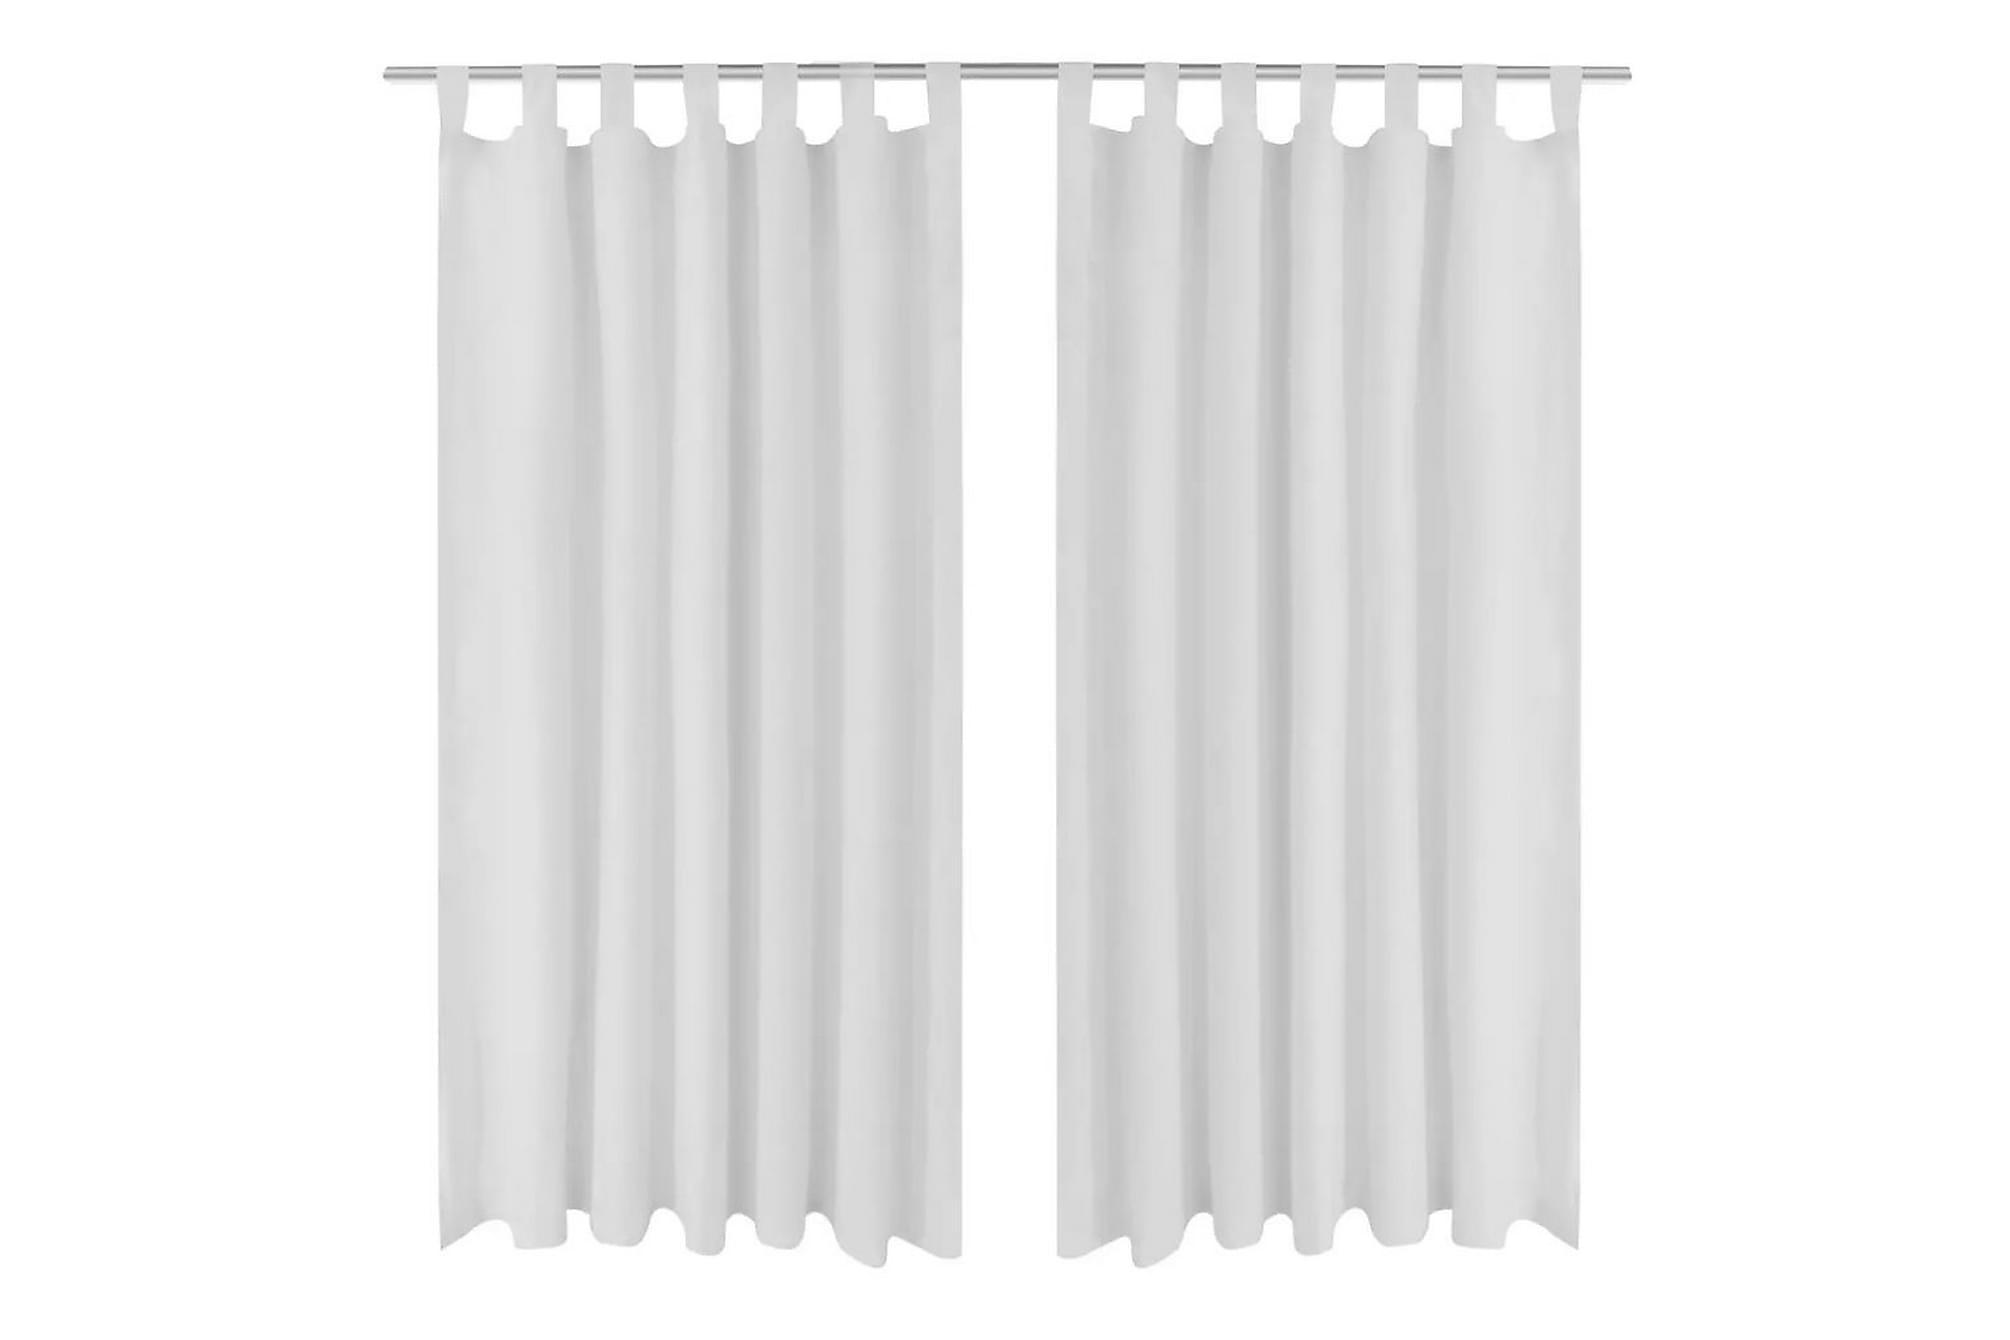 2-pack gardiner med öglor i vit microsatin 140 x 225 cm, Gardiner & gardinupphängning